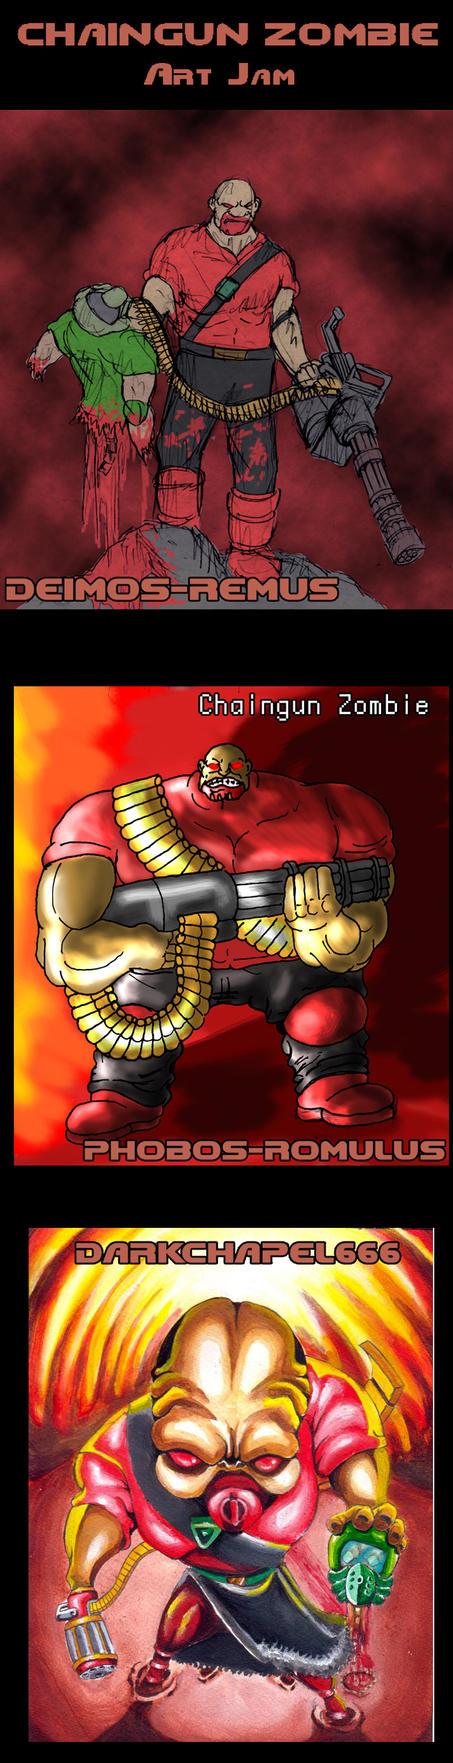 Chaingun Zombie art jam by Deimos-Remus on DeviantArt